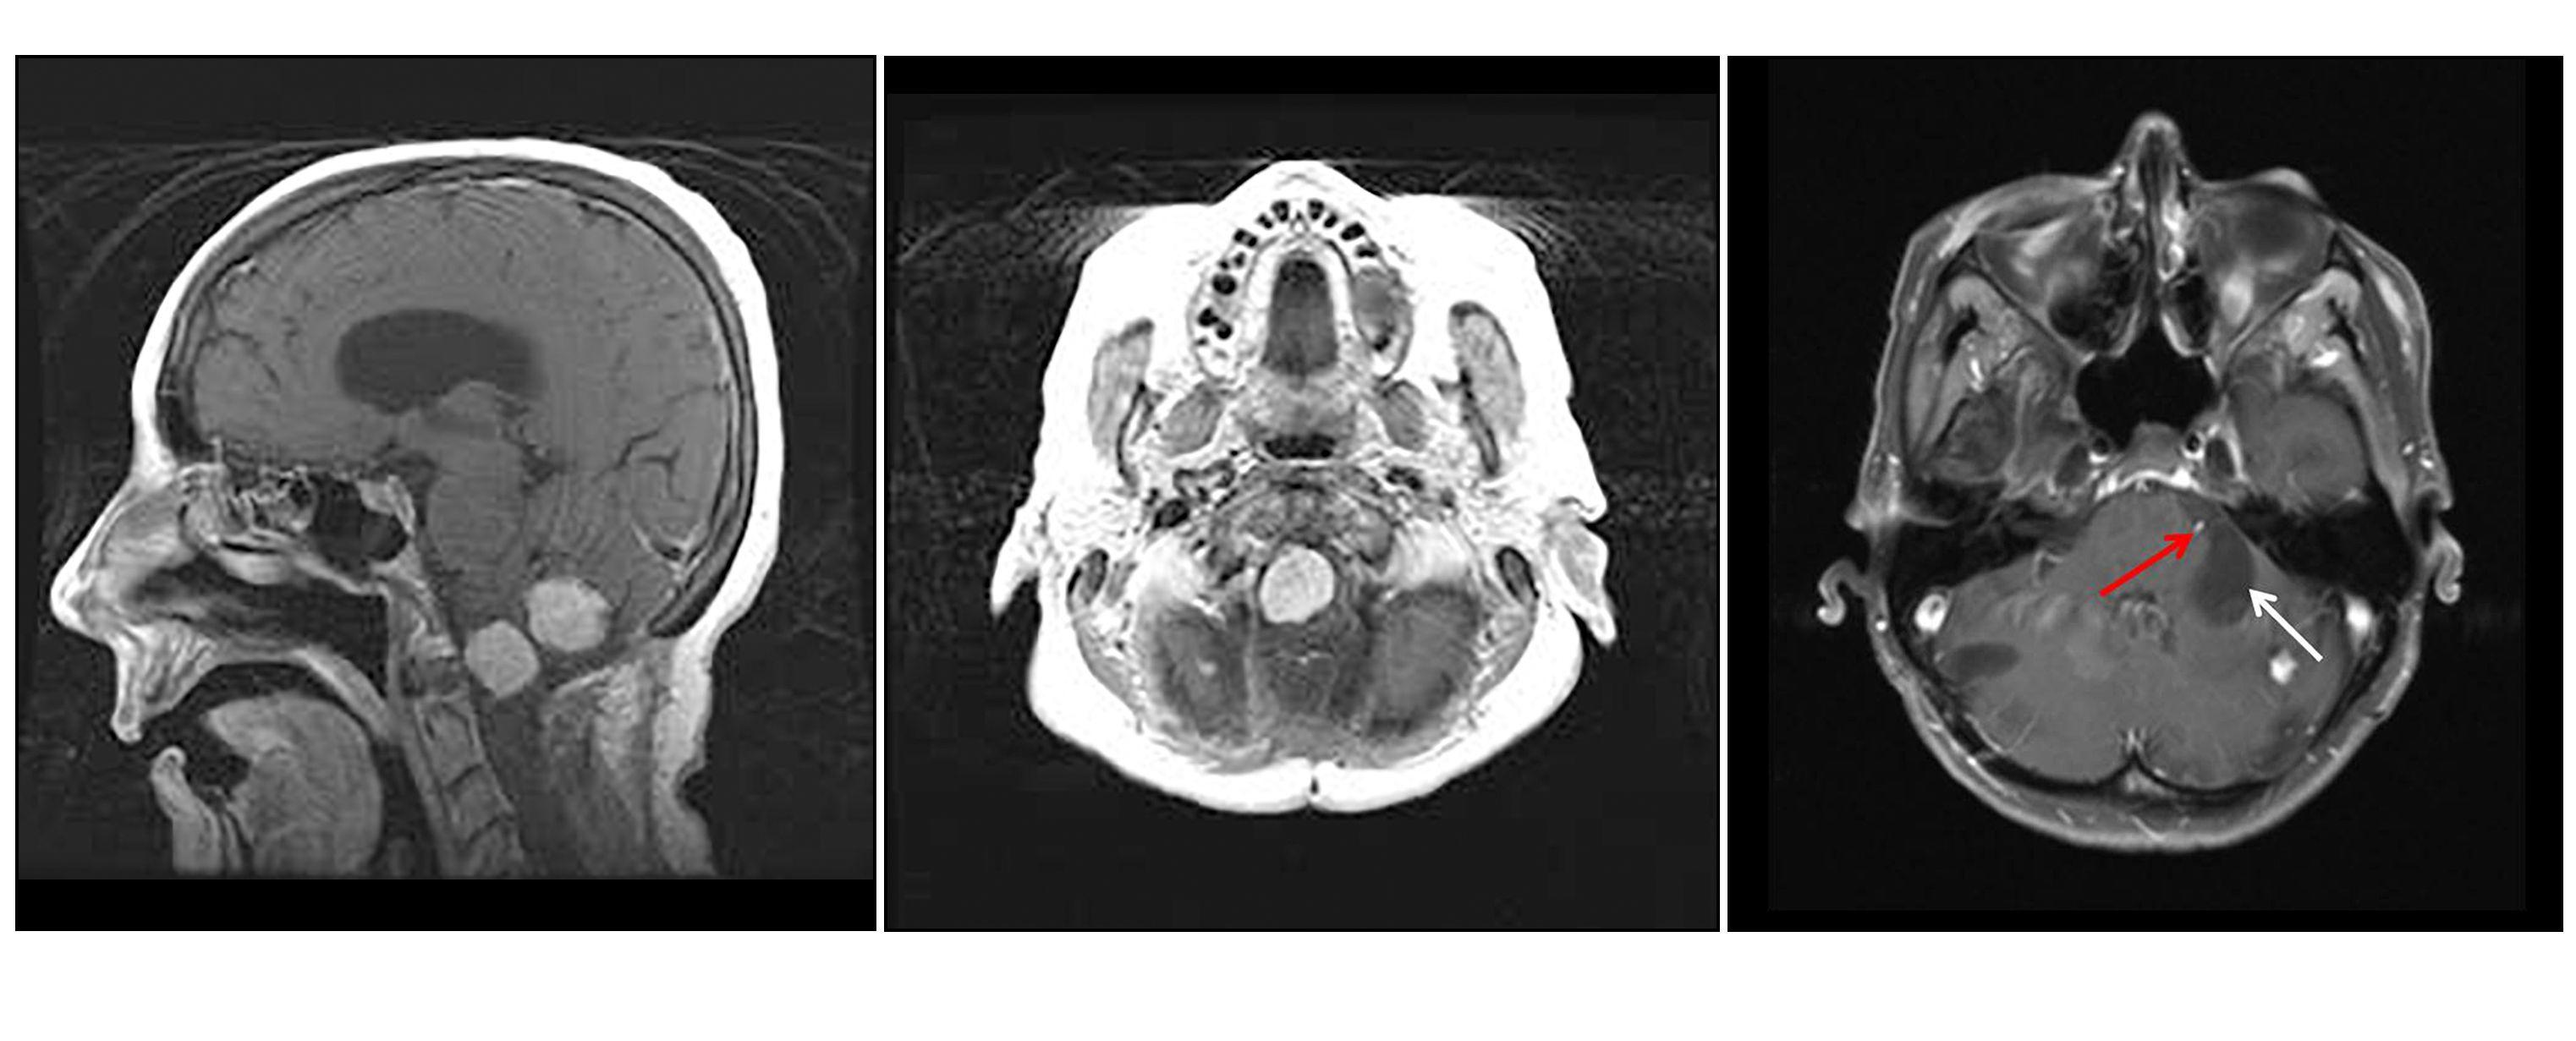 3つの図が、2つの著明に薄い色の脳幹および小脳病変の矢状方向像(左図)、著明な脳幹病変(中央図)、および嚢胞性成分を示す大きな濃色領域を伴う小脳病変の軸方向像(左図)を示している。